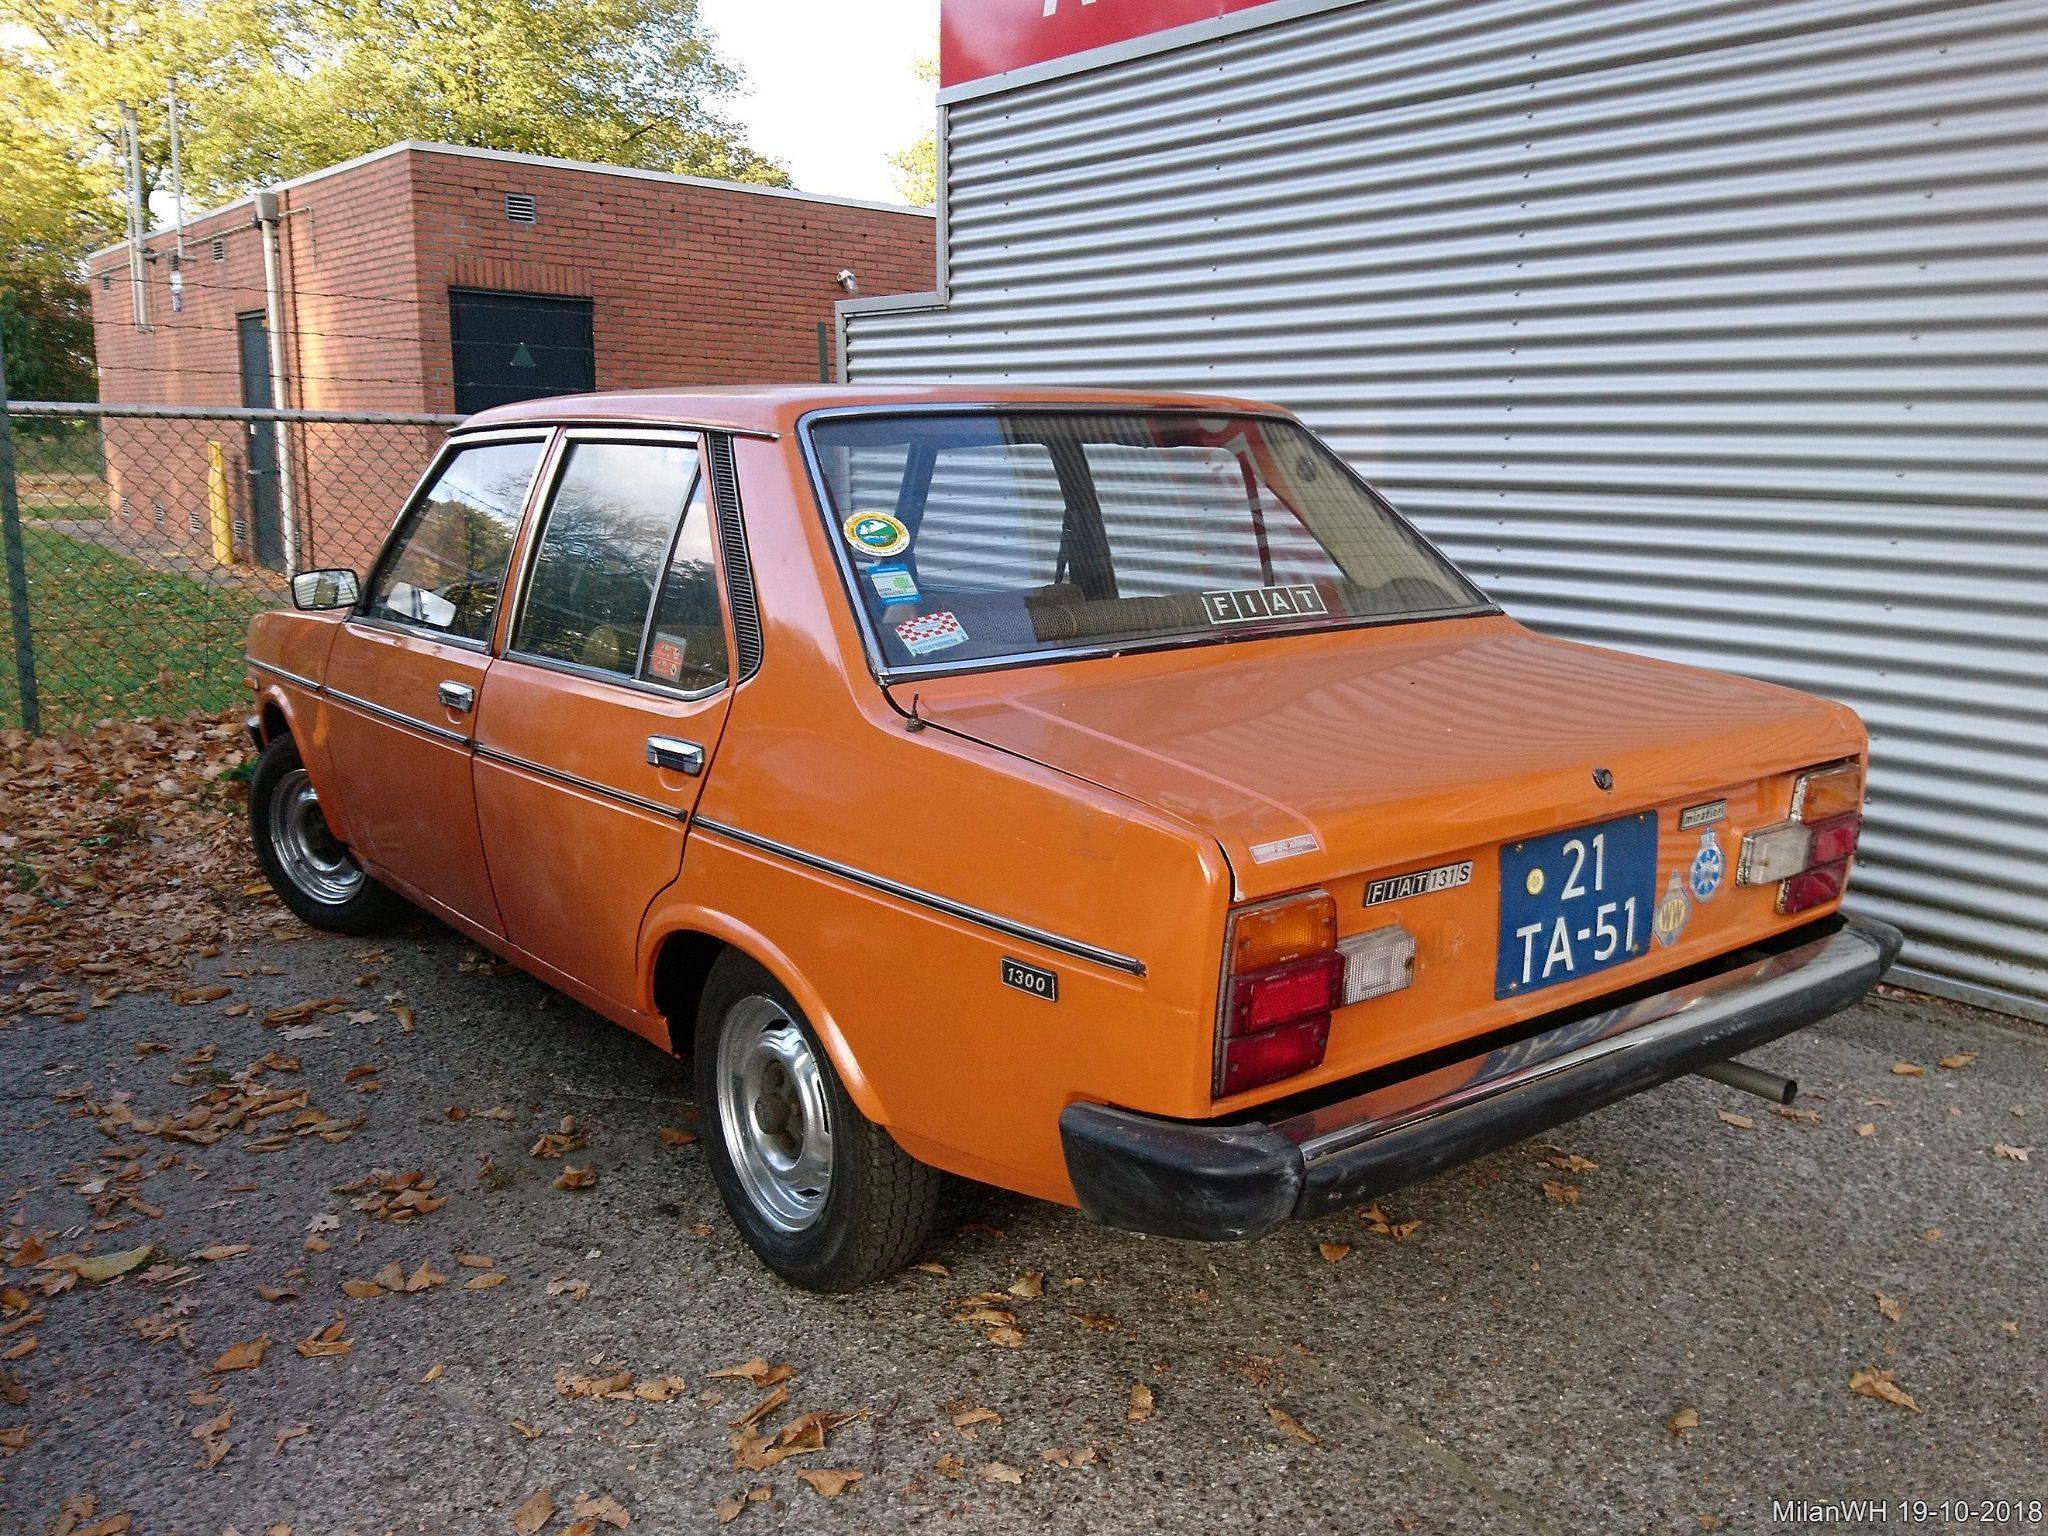 Fiat 131 S Mirafiori 1300 1977 21 Ta 51 With Images Fiat